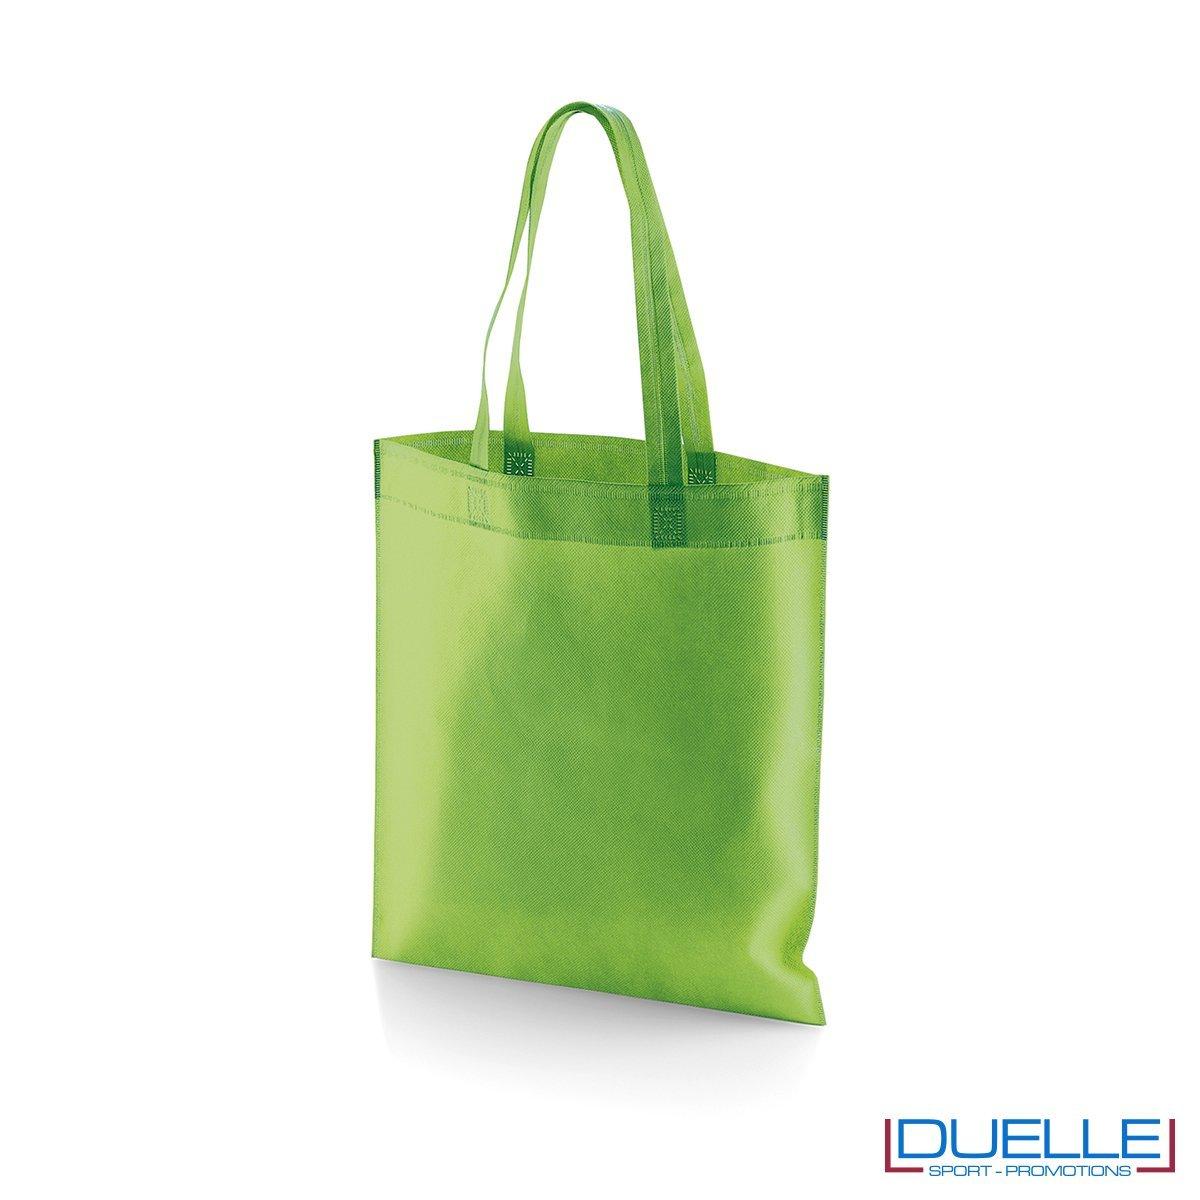 borsa shooper personalizzata in tnt termosaldato verde chiaro, offerta borse promozionali in tnt economiche verde chiaro